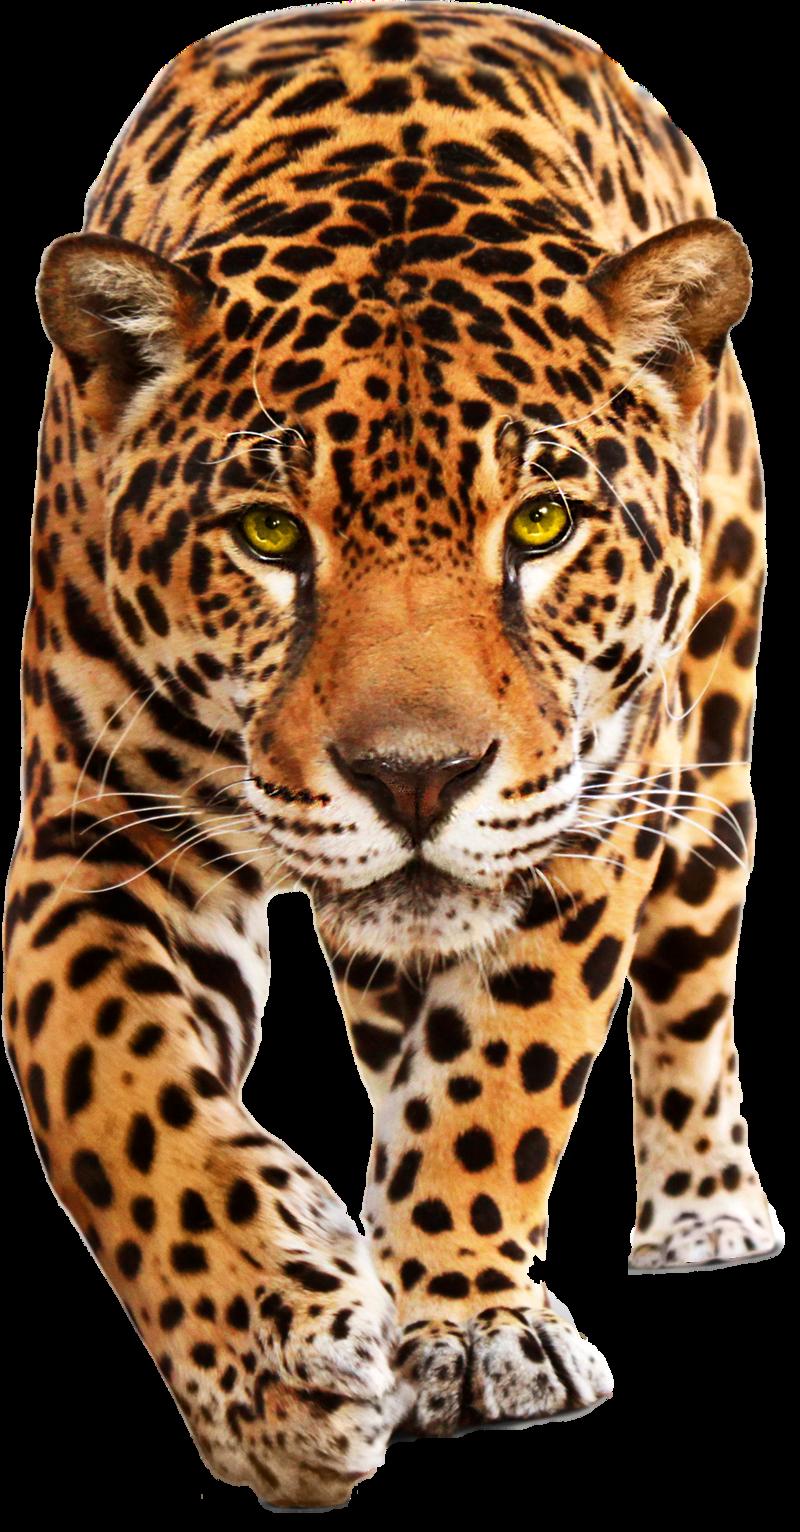 Leopard PNG - 24779